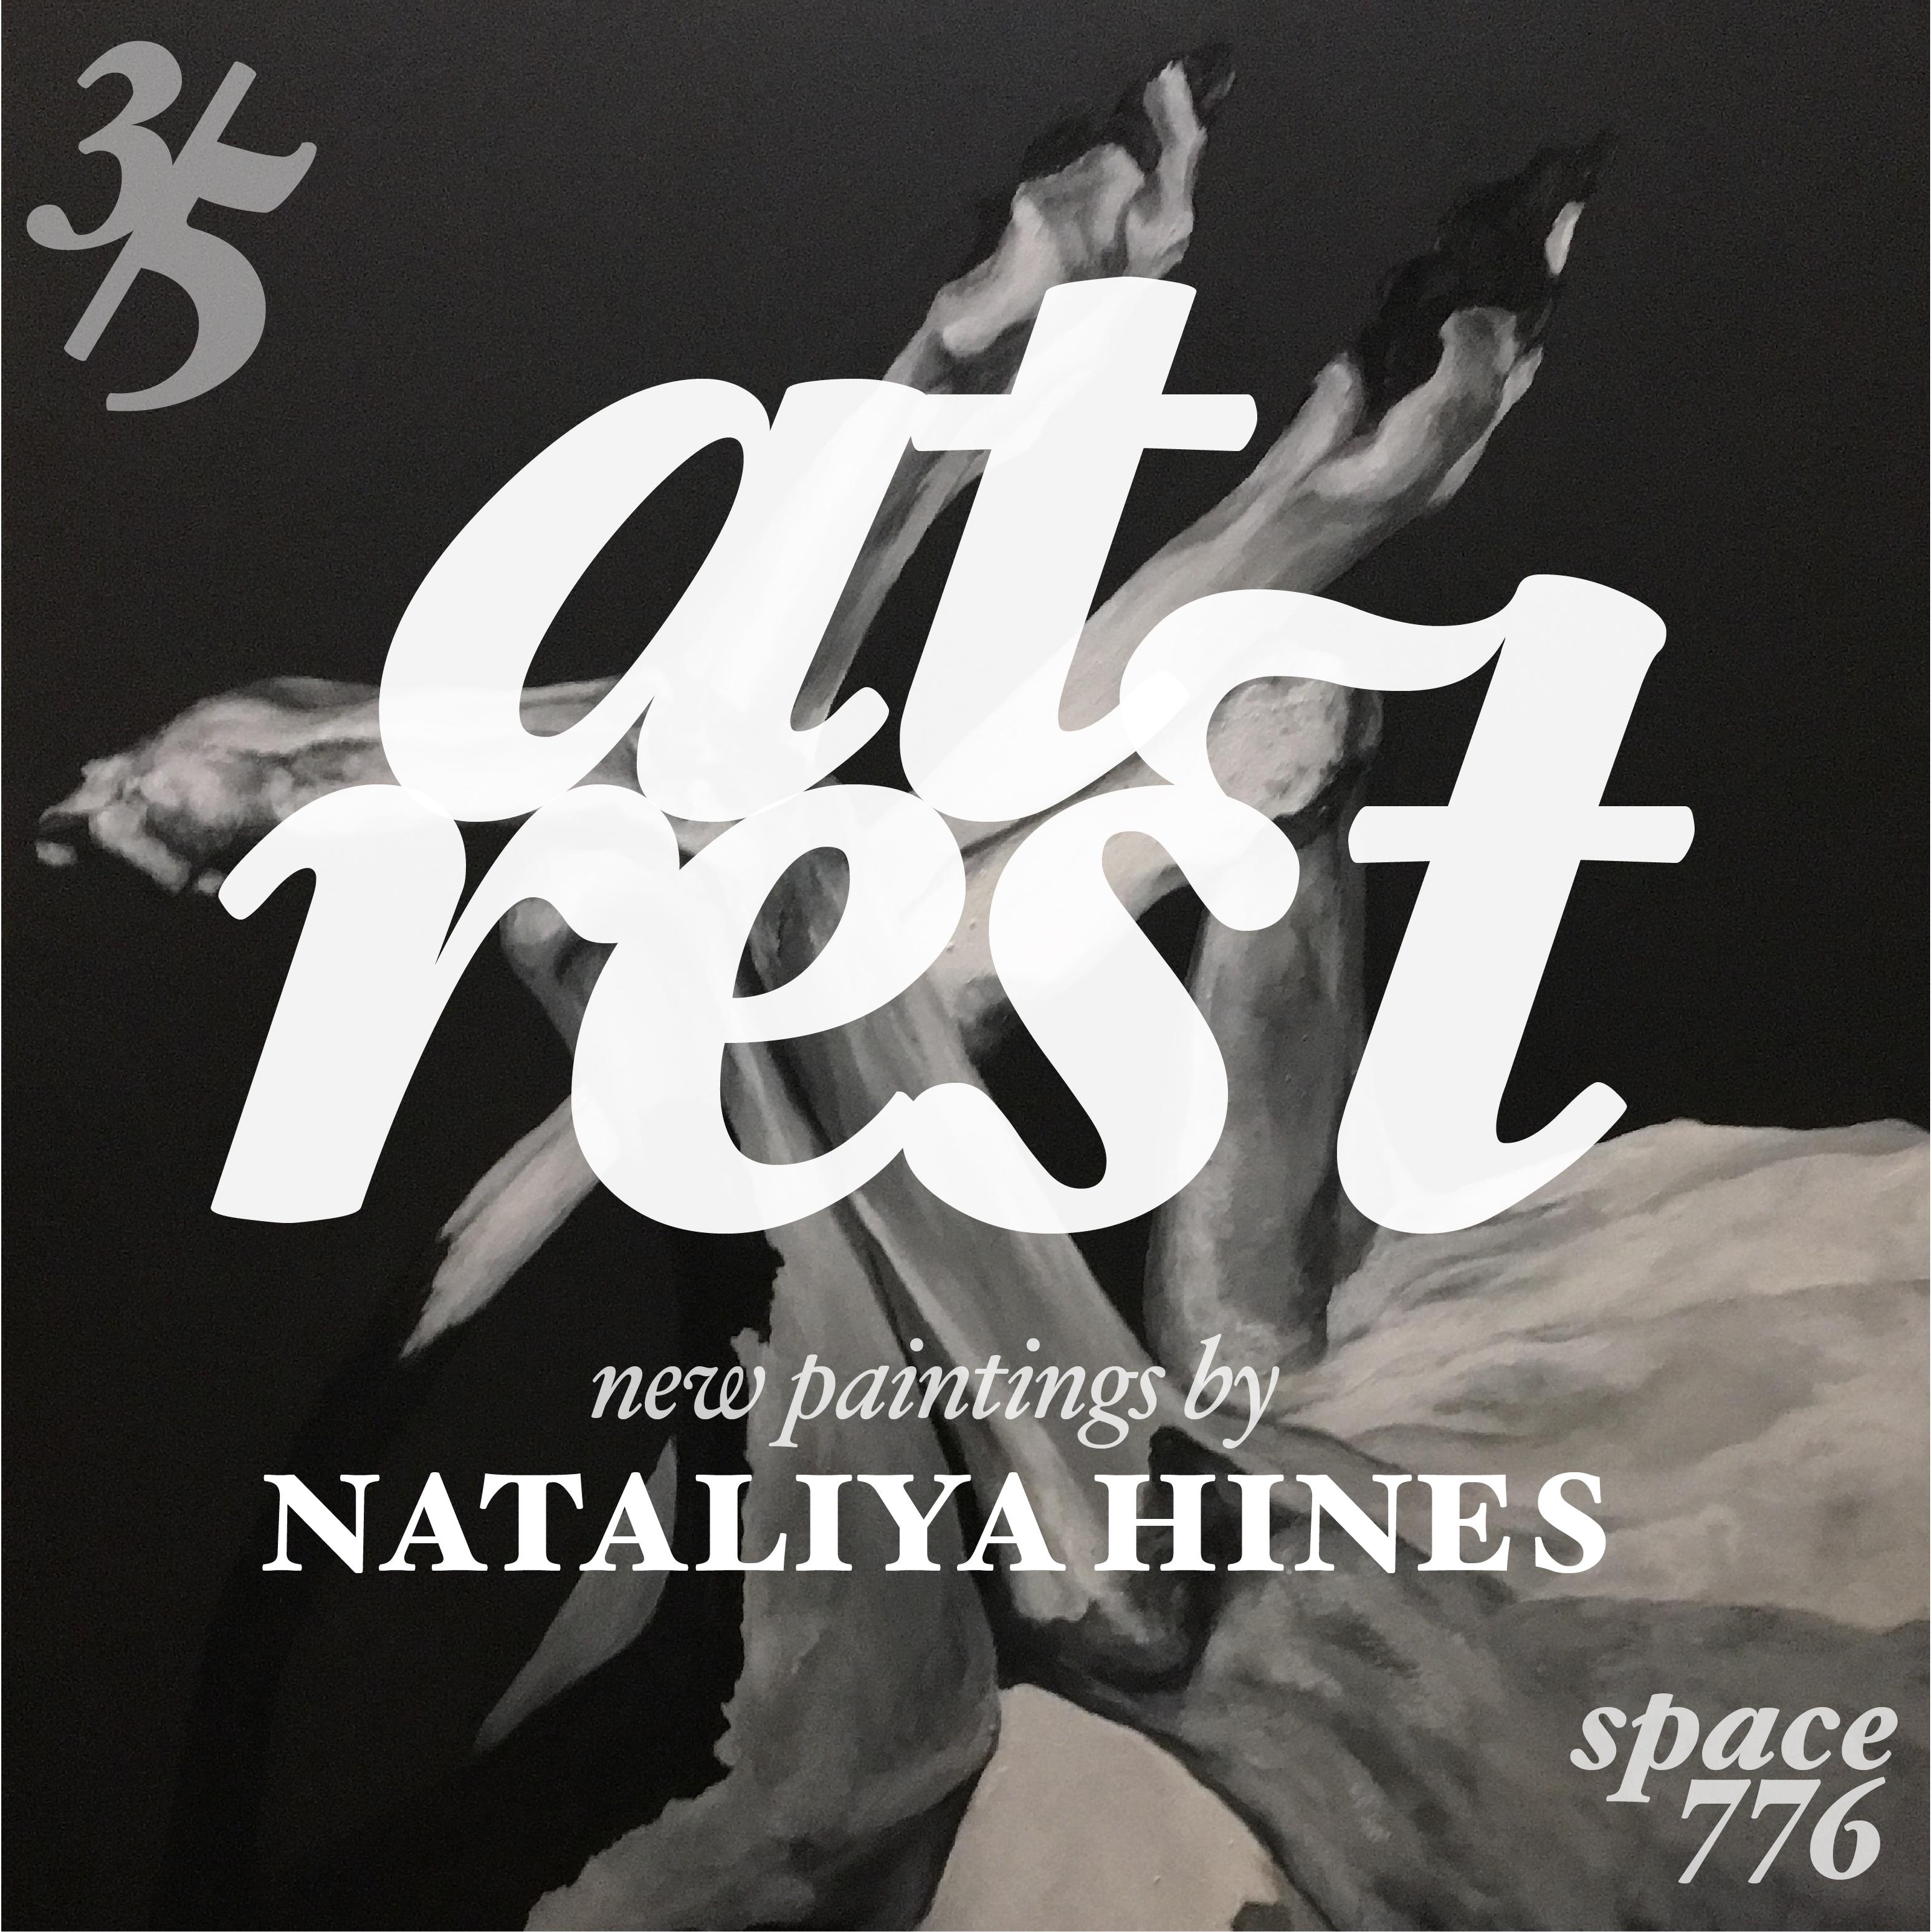 Nataliya Hines